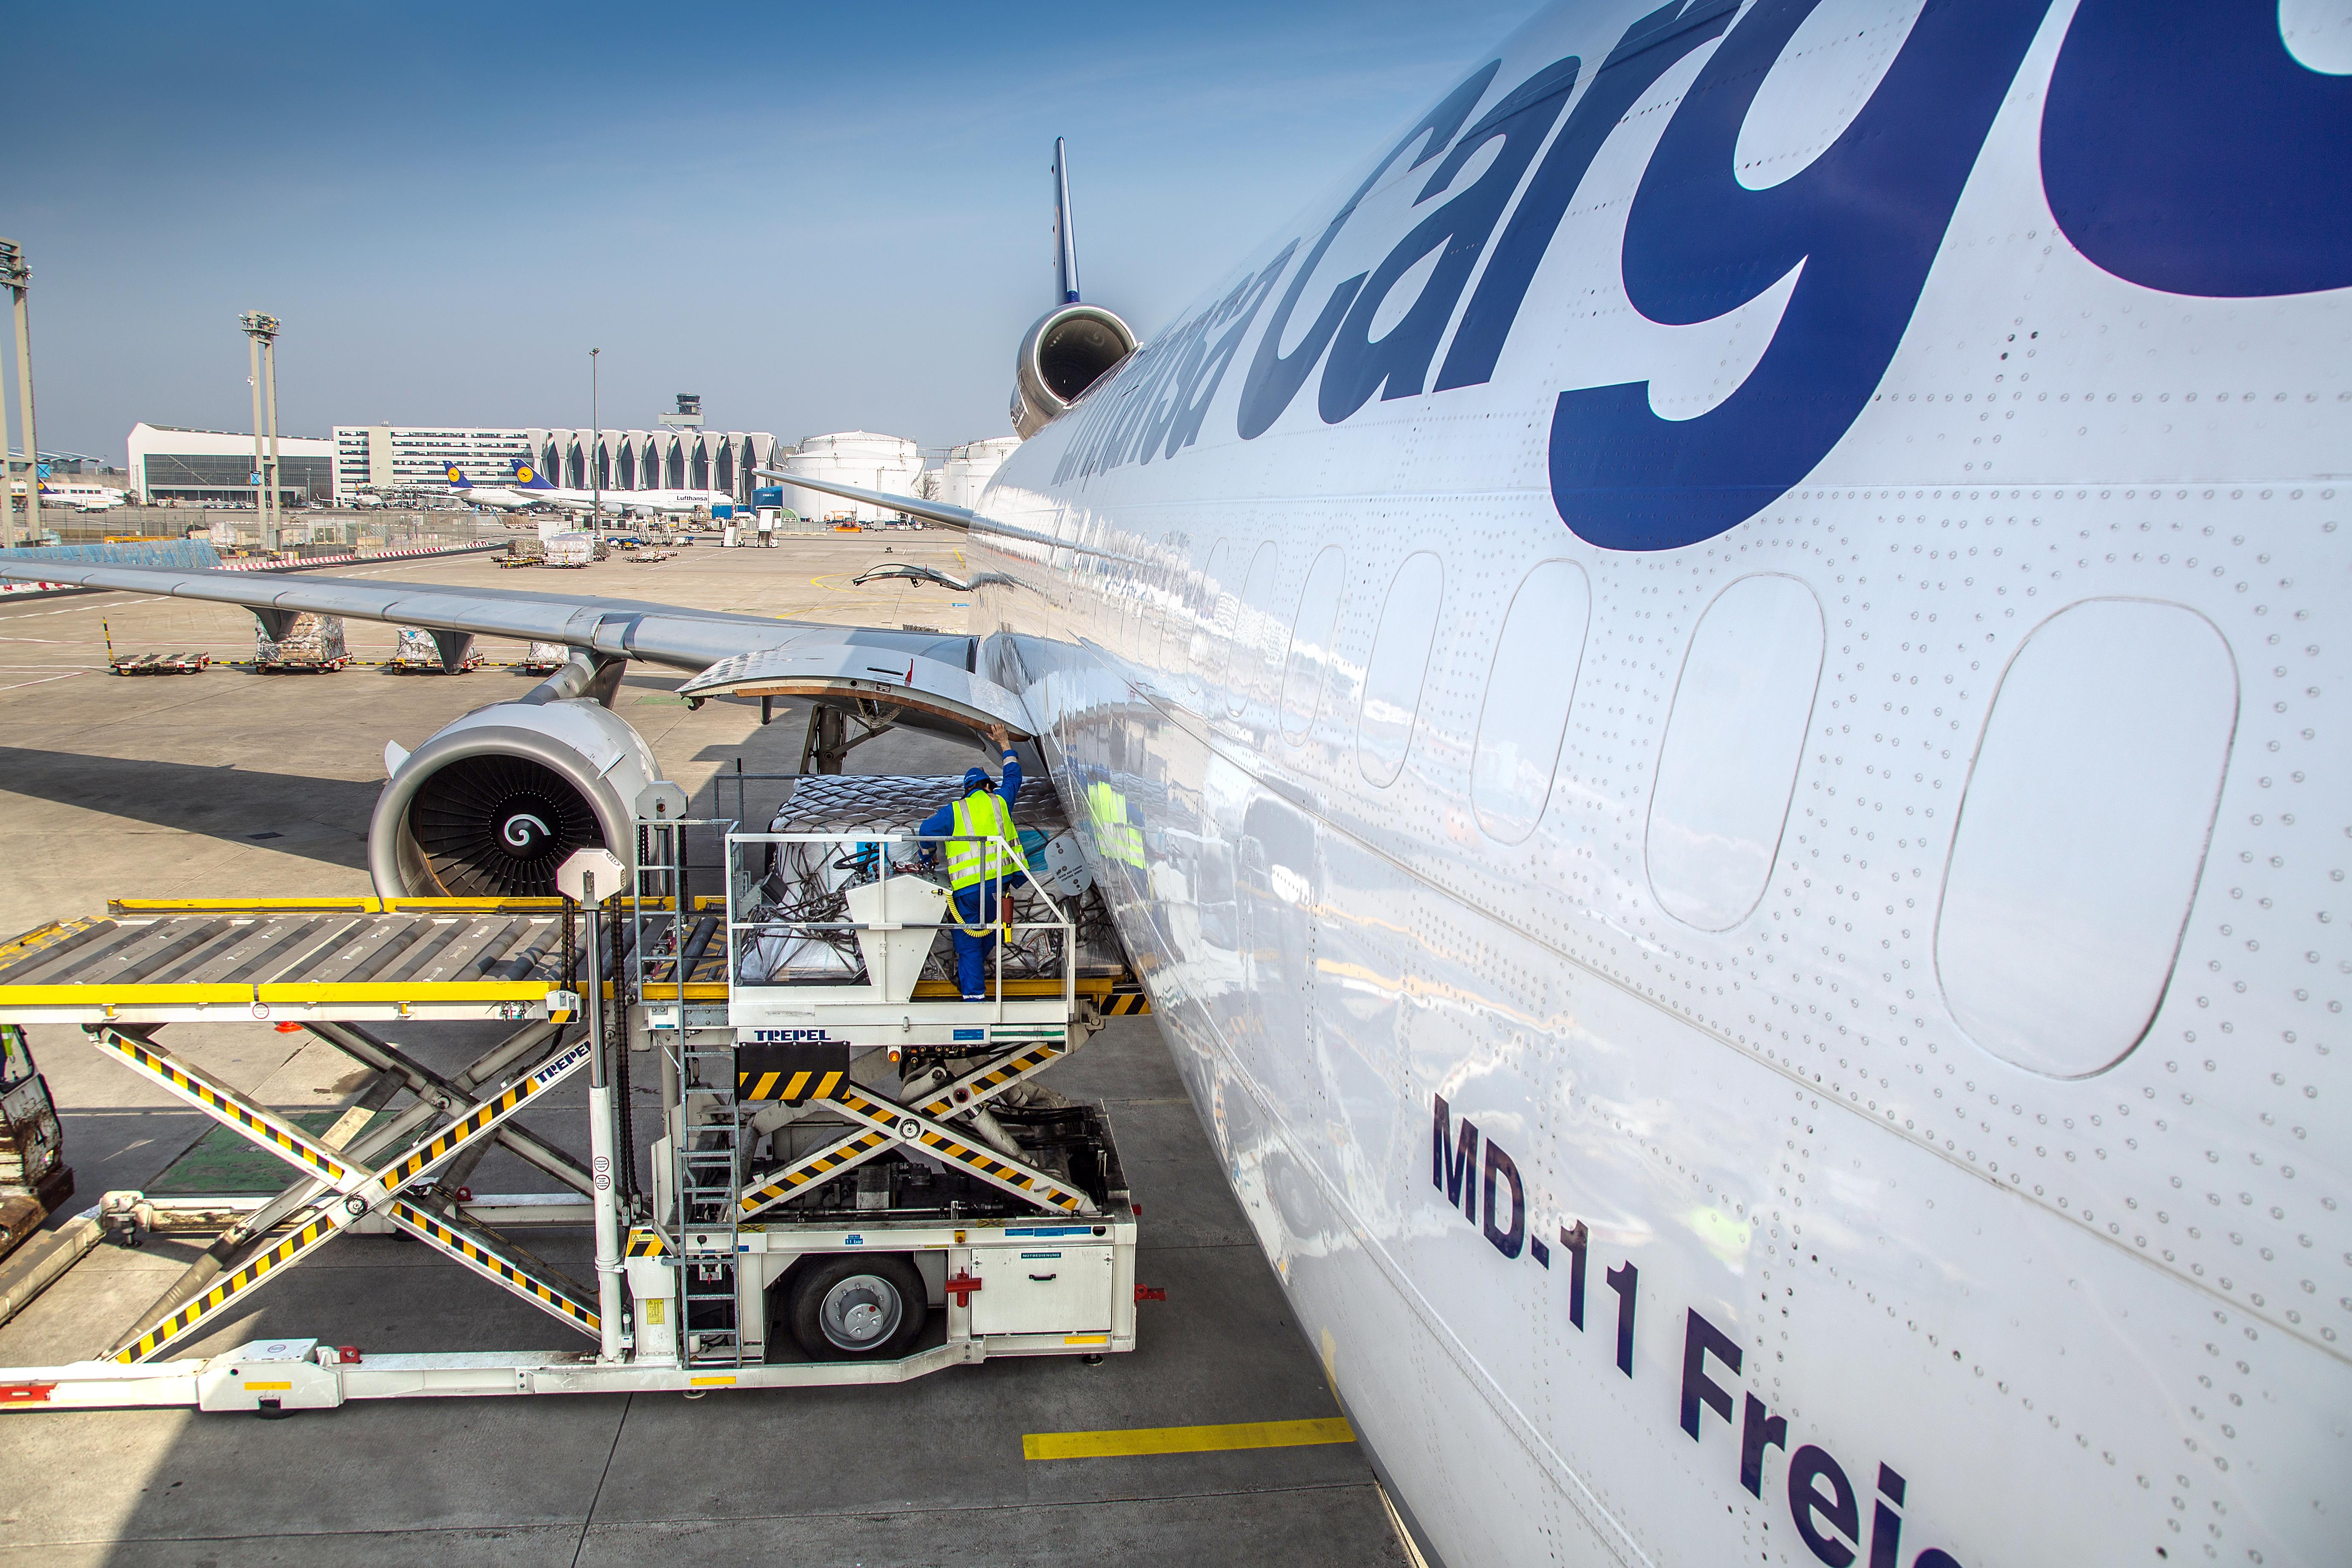 Press Release Details - Lufthansa Cargo